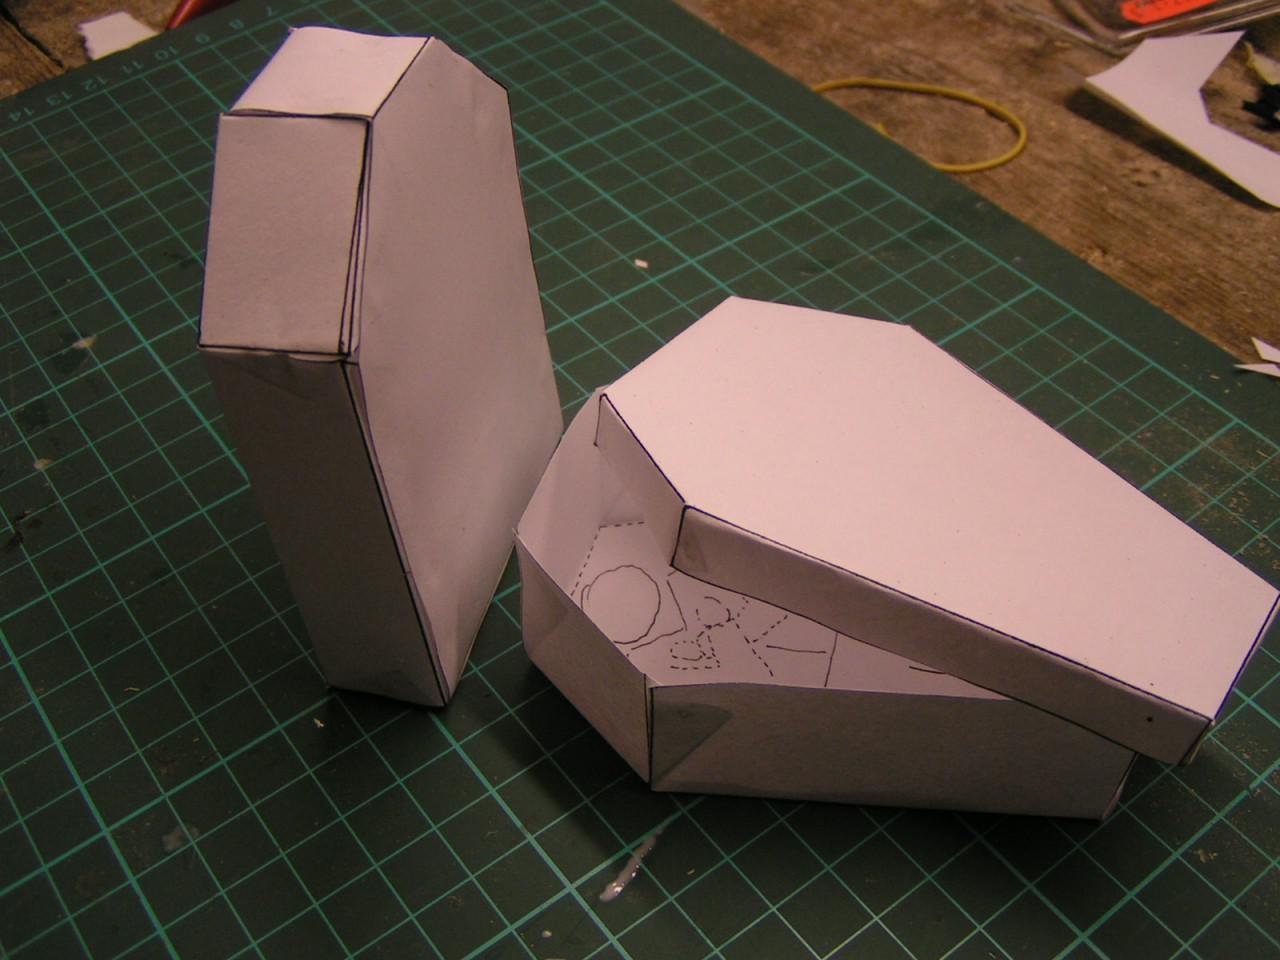 Papercraft Portal Kleiner Papercraft Sarg Und Grabstein Schreibtisch Verzierung Gunook